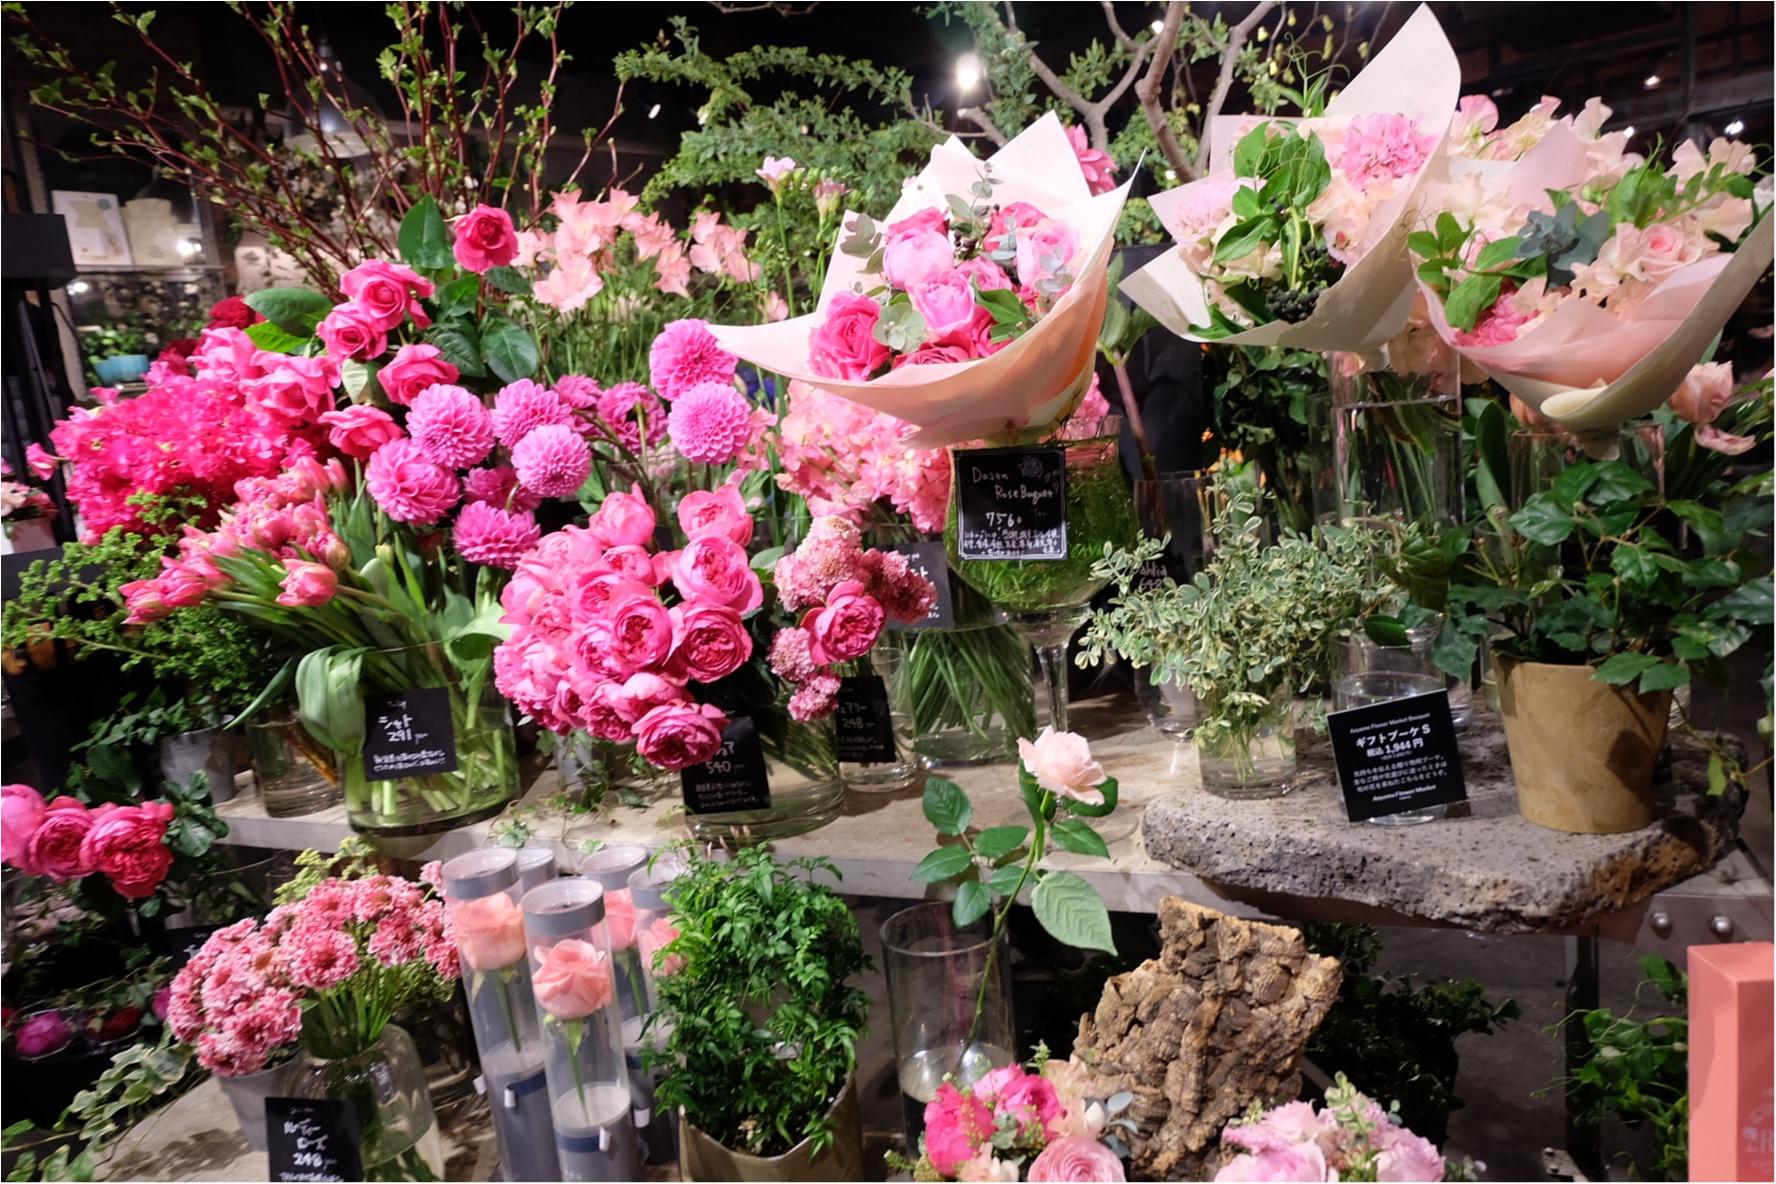 【ご当地MORE♡東京】AOYAMA FLOWER MARKET TEA HOUSEでお花に囲まれて女子会ができちゃう贅沢スポット♡_7